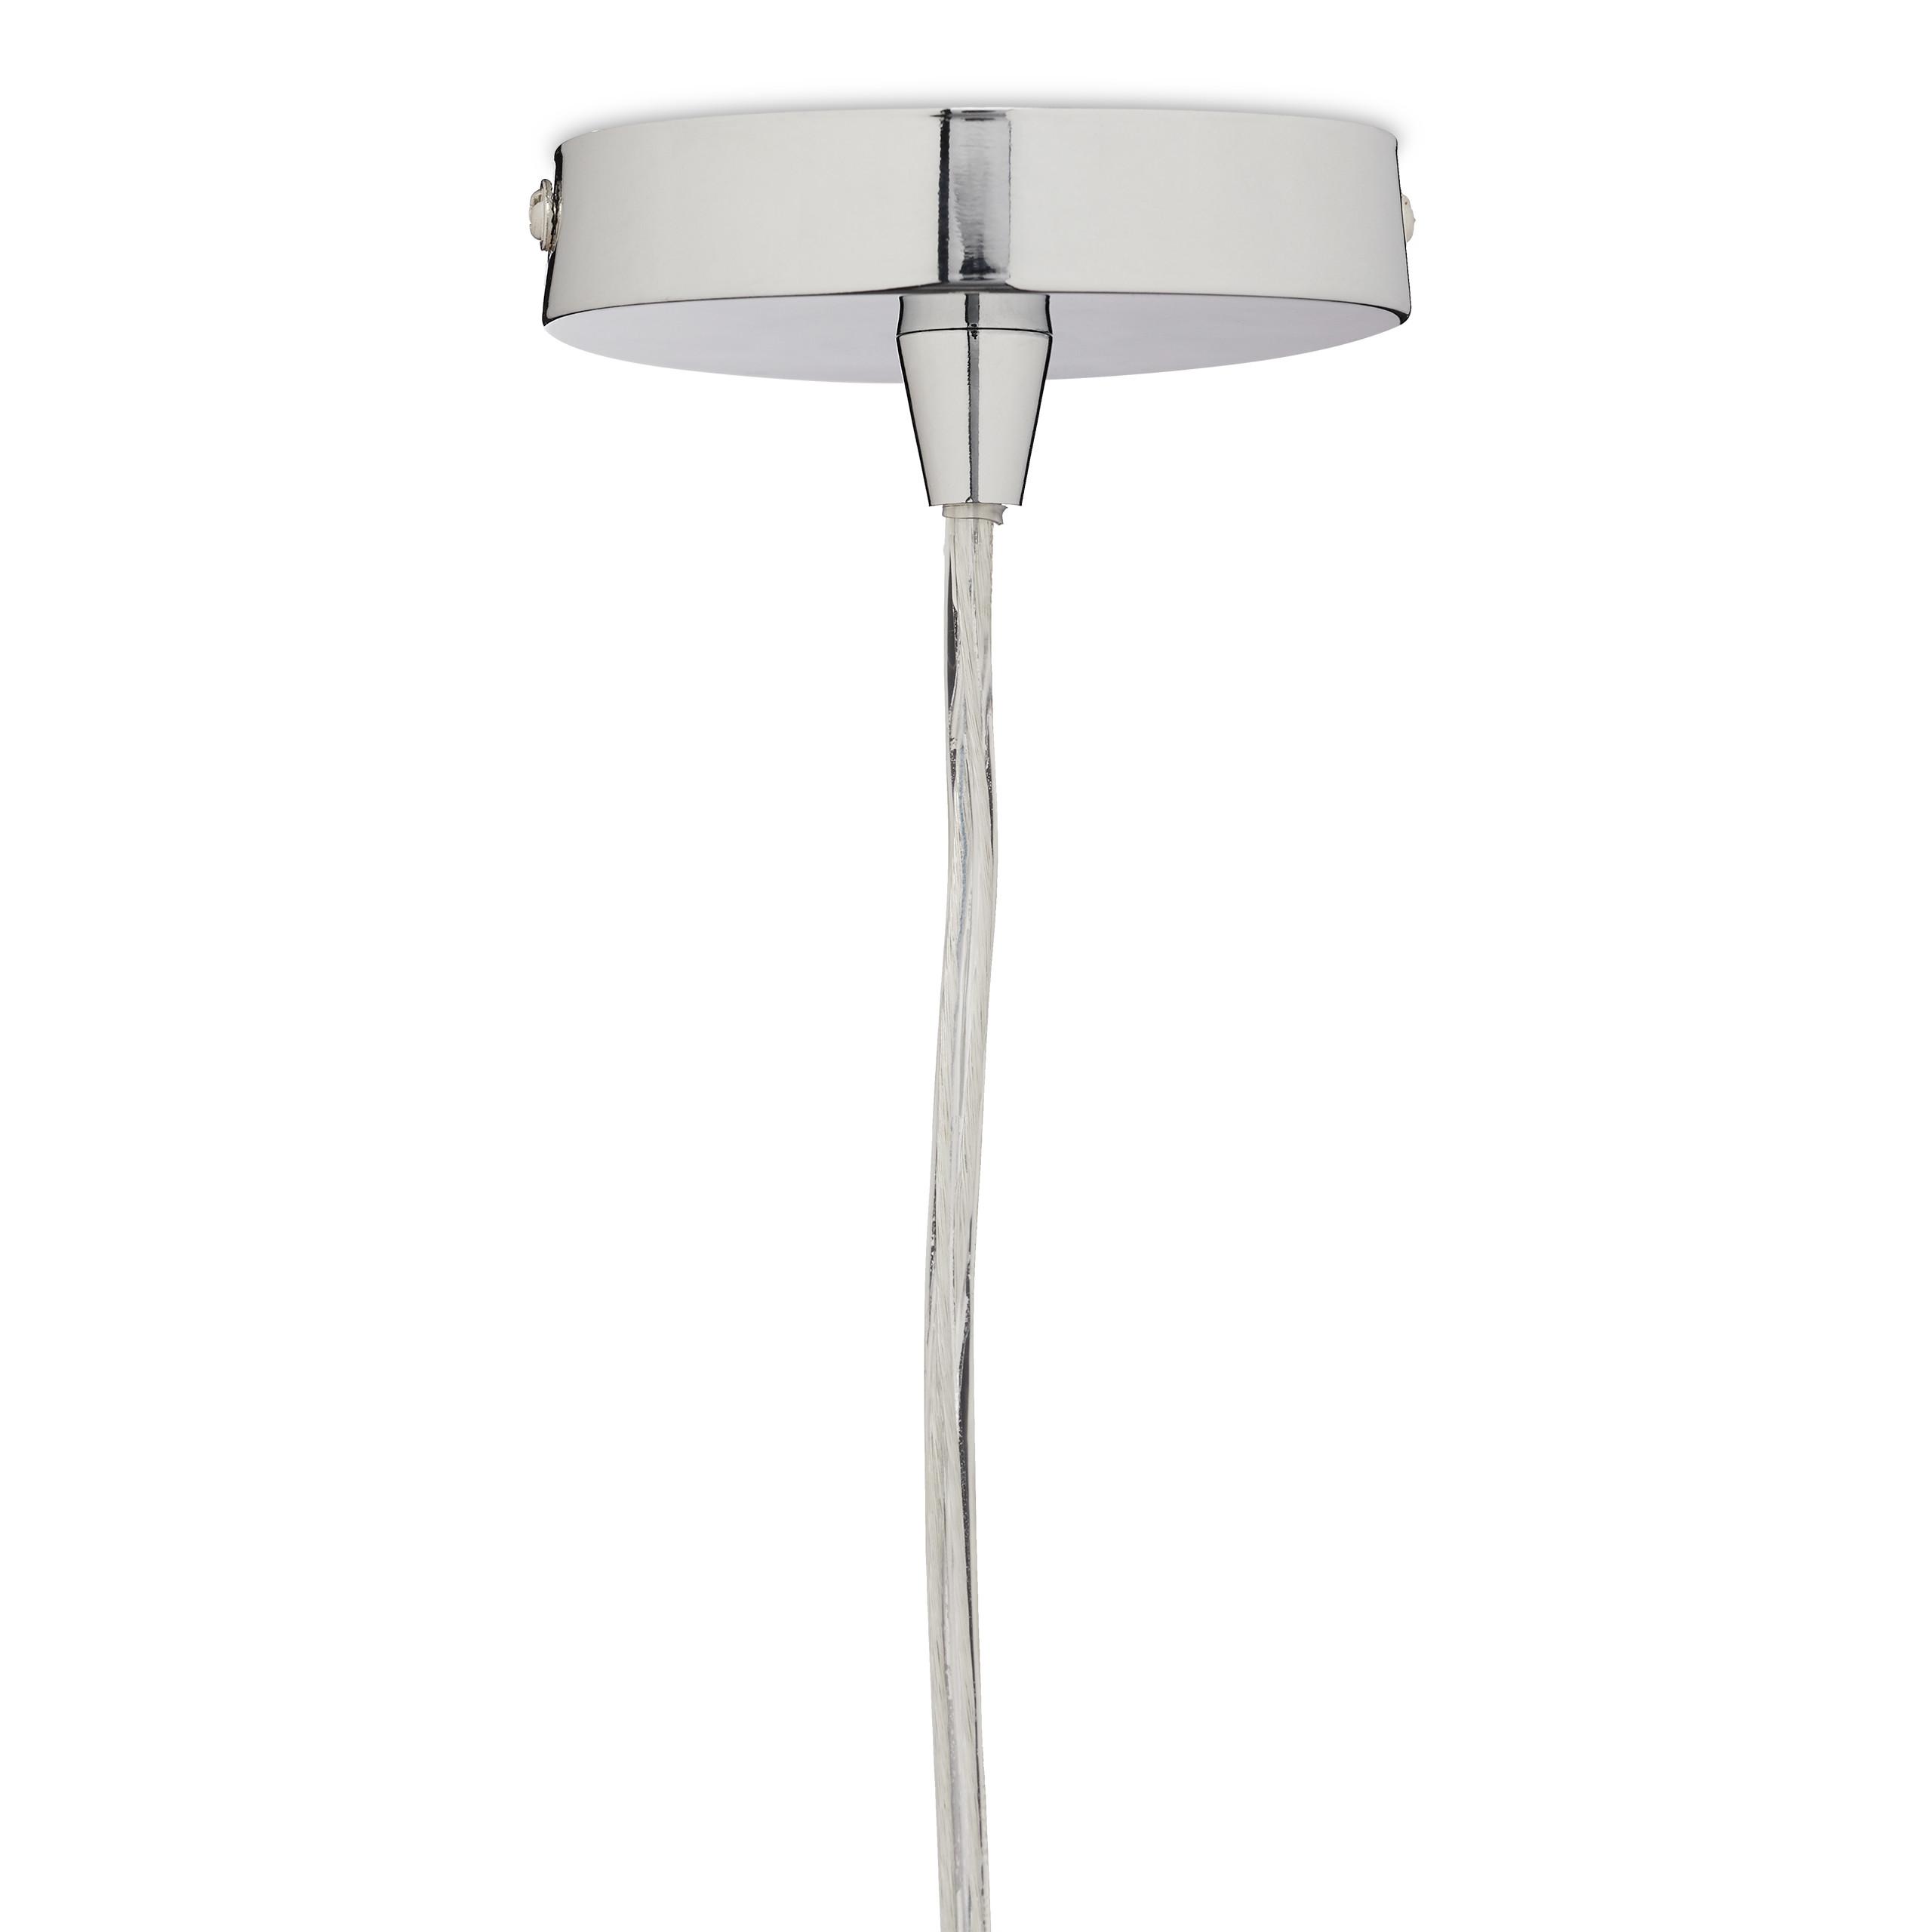 Indexbild 6 - Hängelampe Pendellampe Kronleuchter Mädchen Lampe Schlafzimmerlampe E27 Kristall